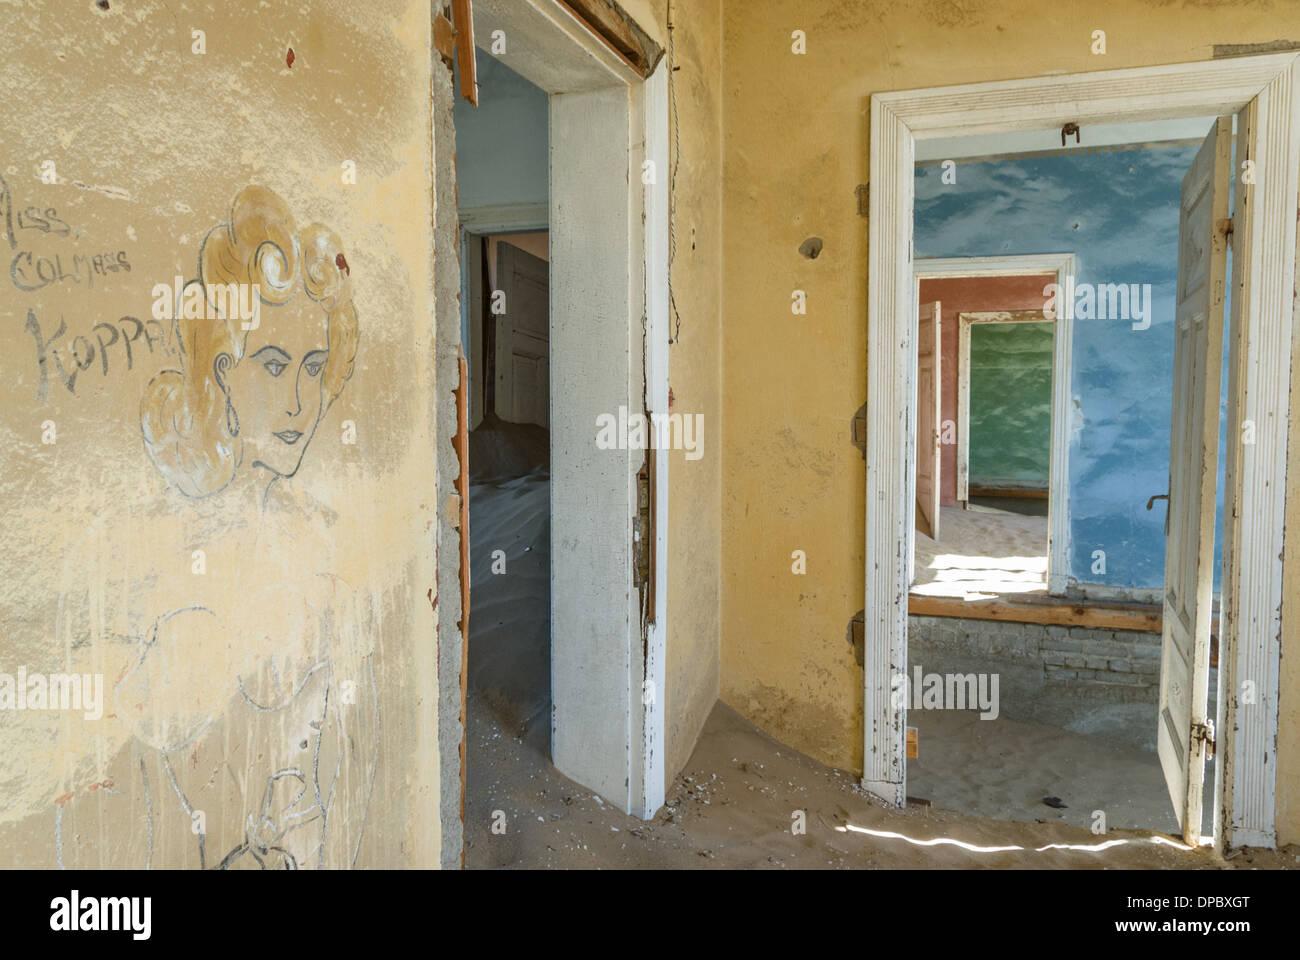 Maison abandonnée de l'ancienne ville minière de Kolmanskoppe, Namibie, Afrique Photo Stock